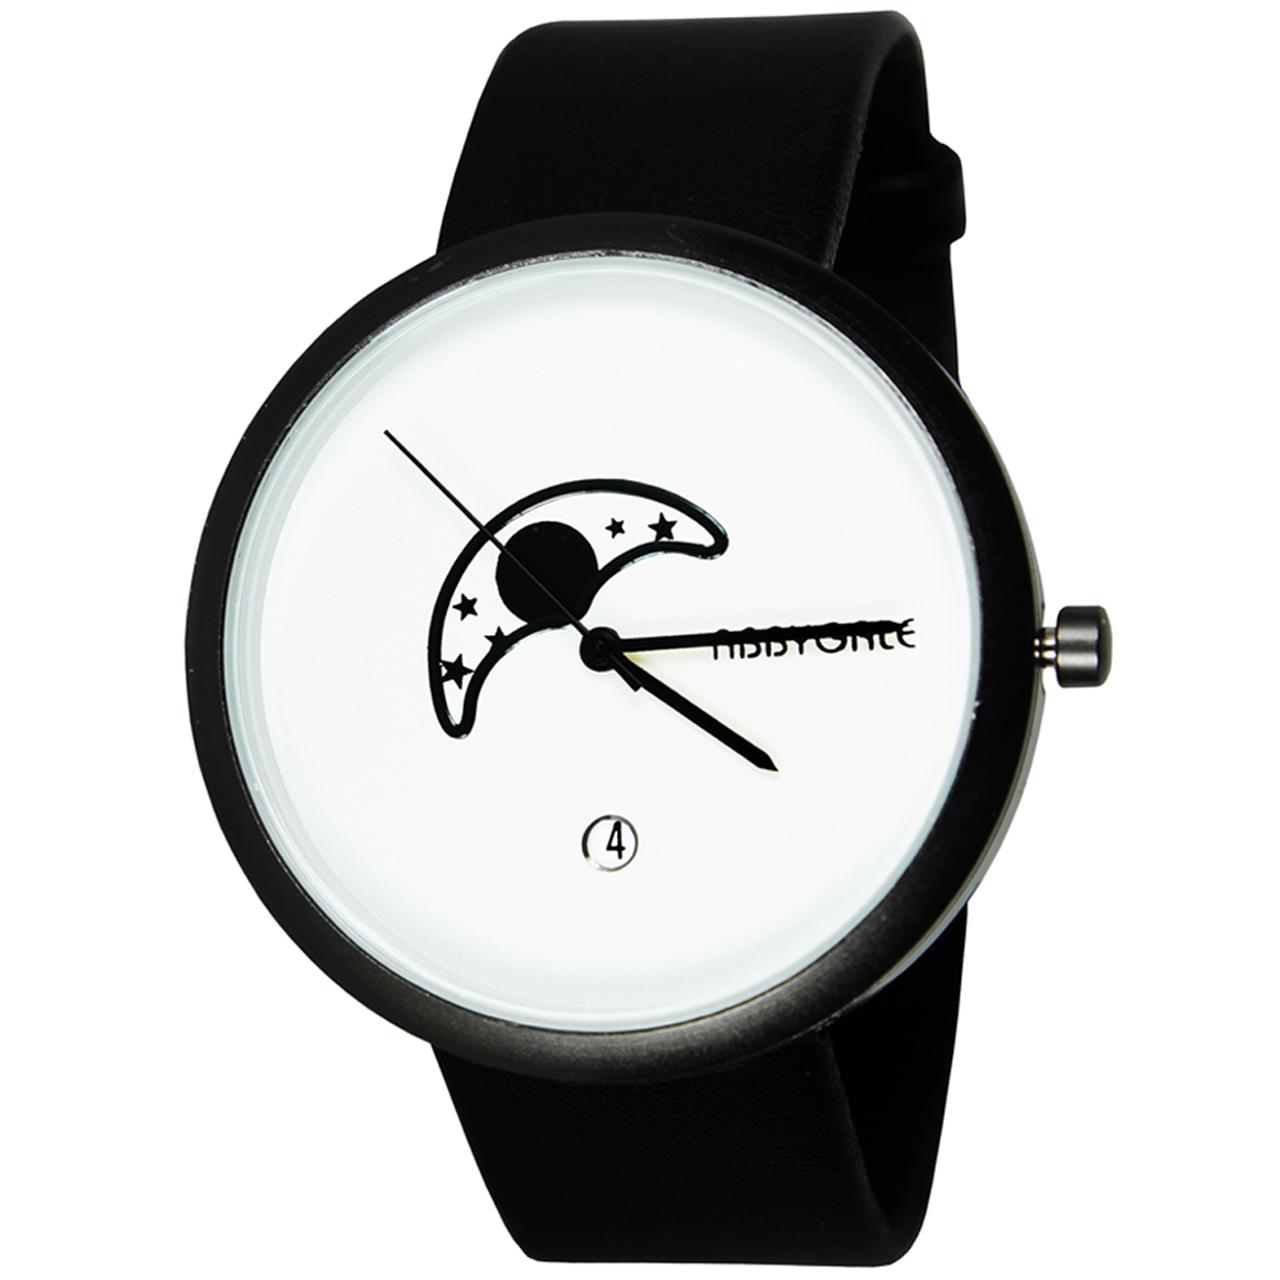 ساعت مچی عقربه ای مردانه ابیگیل مدل P4-43